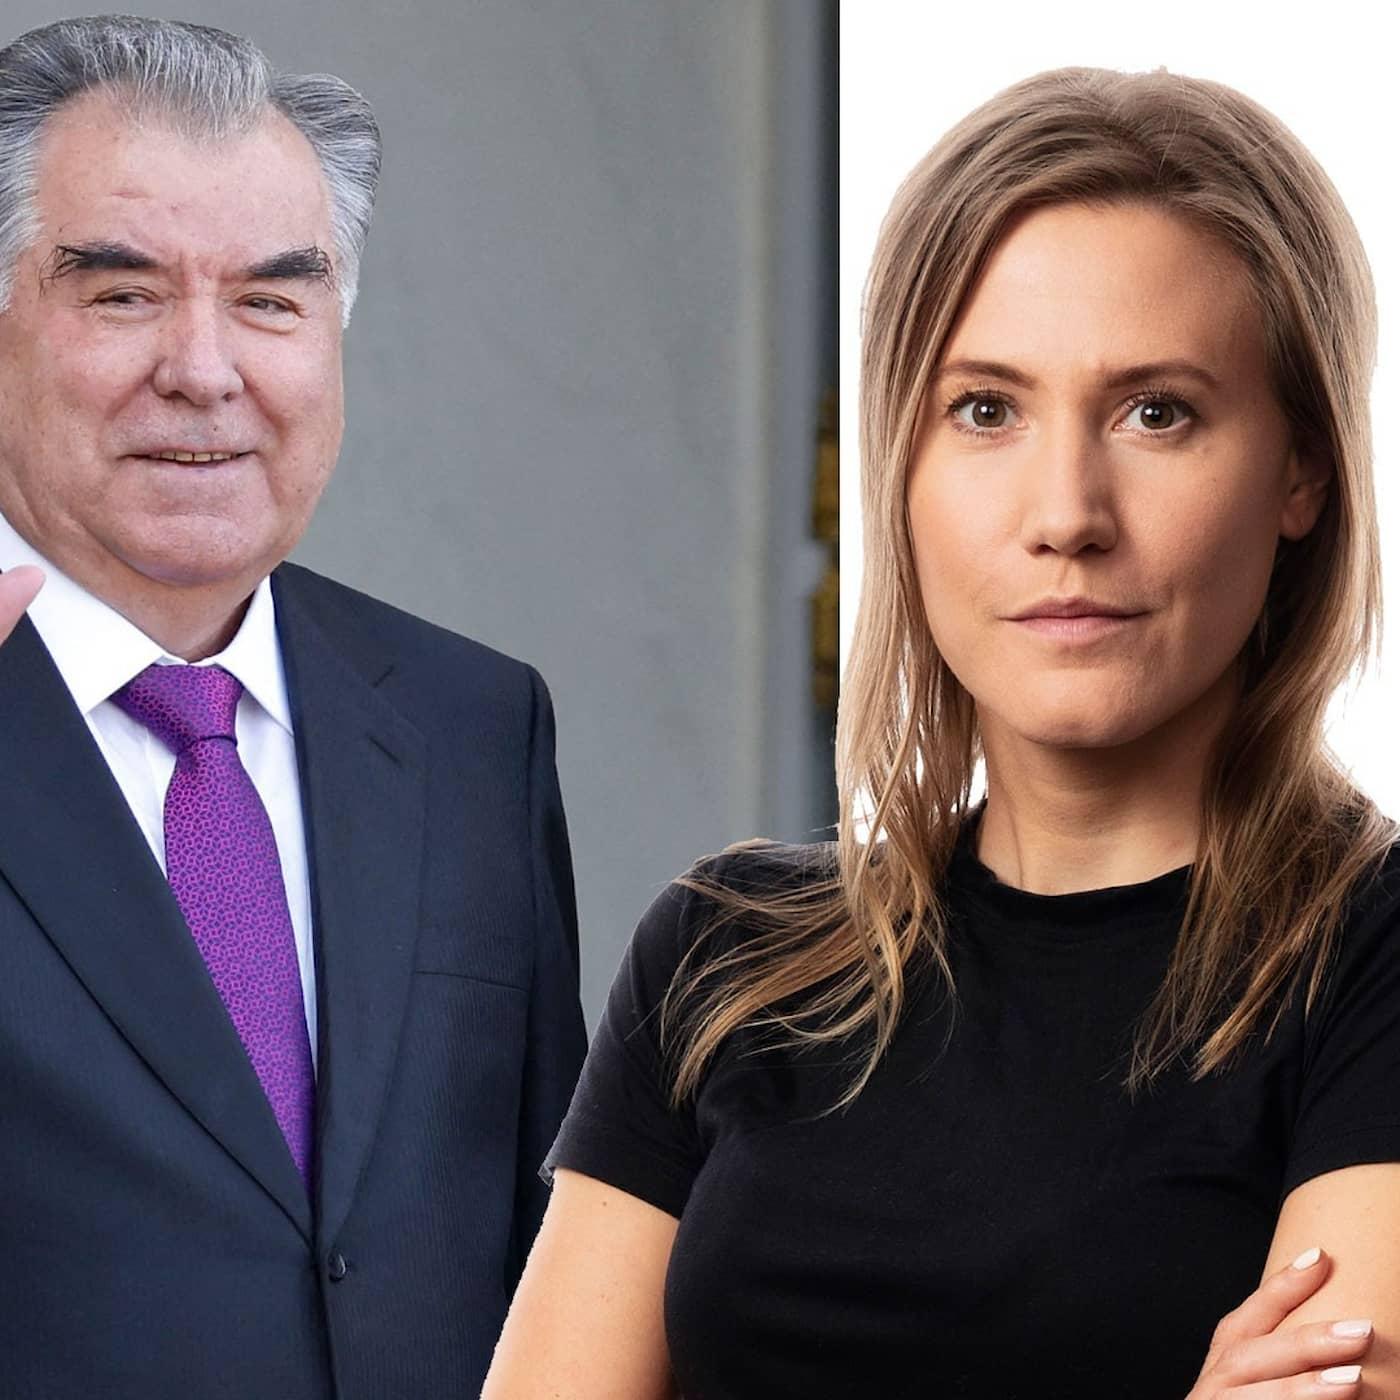 Alla intervjuer leder till samma svar: Caroline Kernen, Stockholm